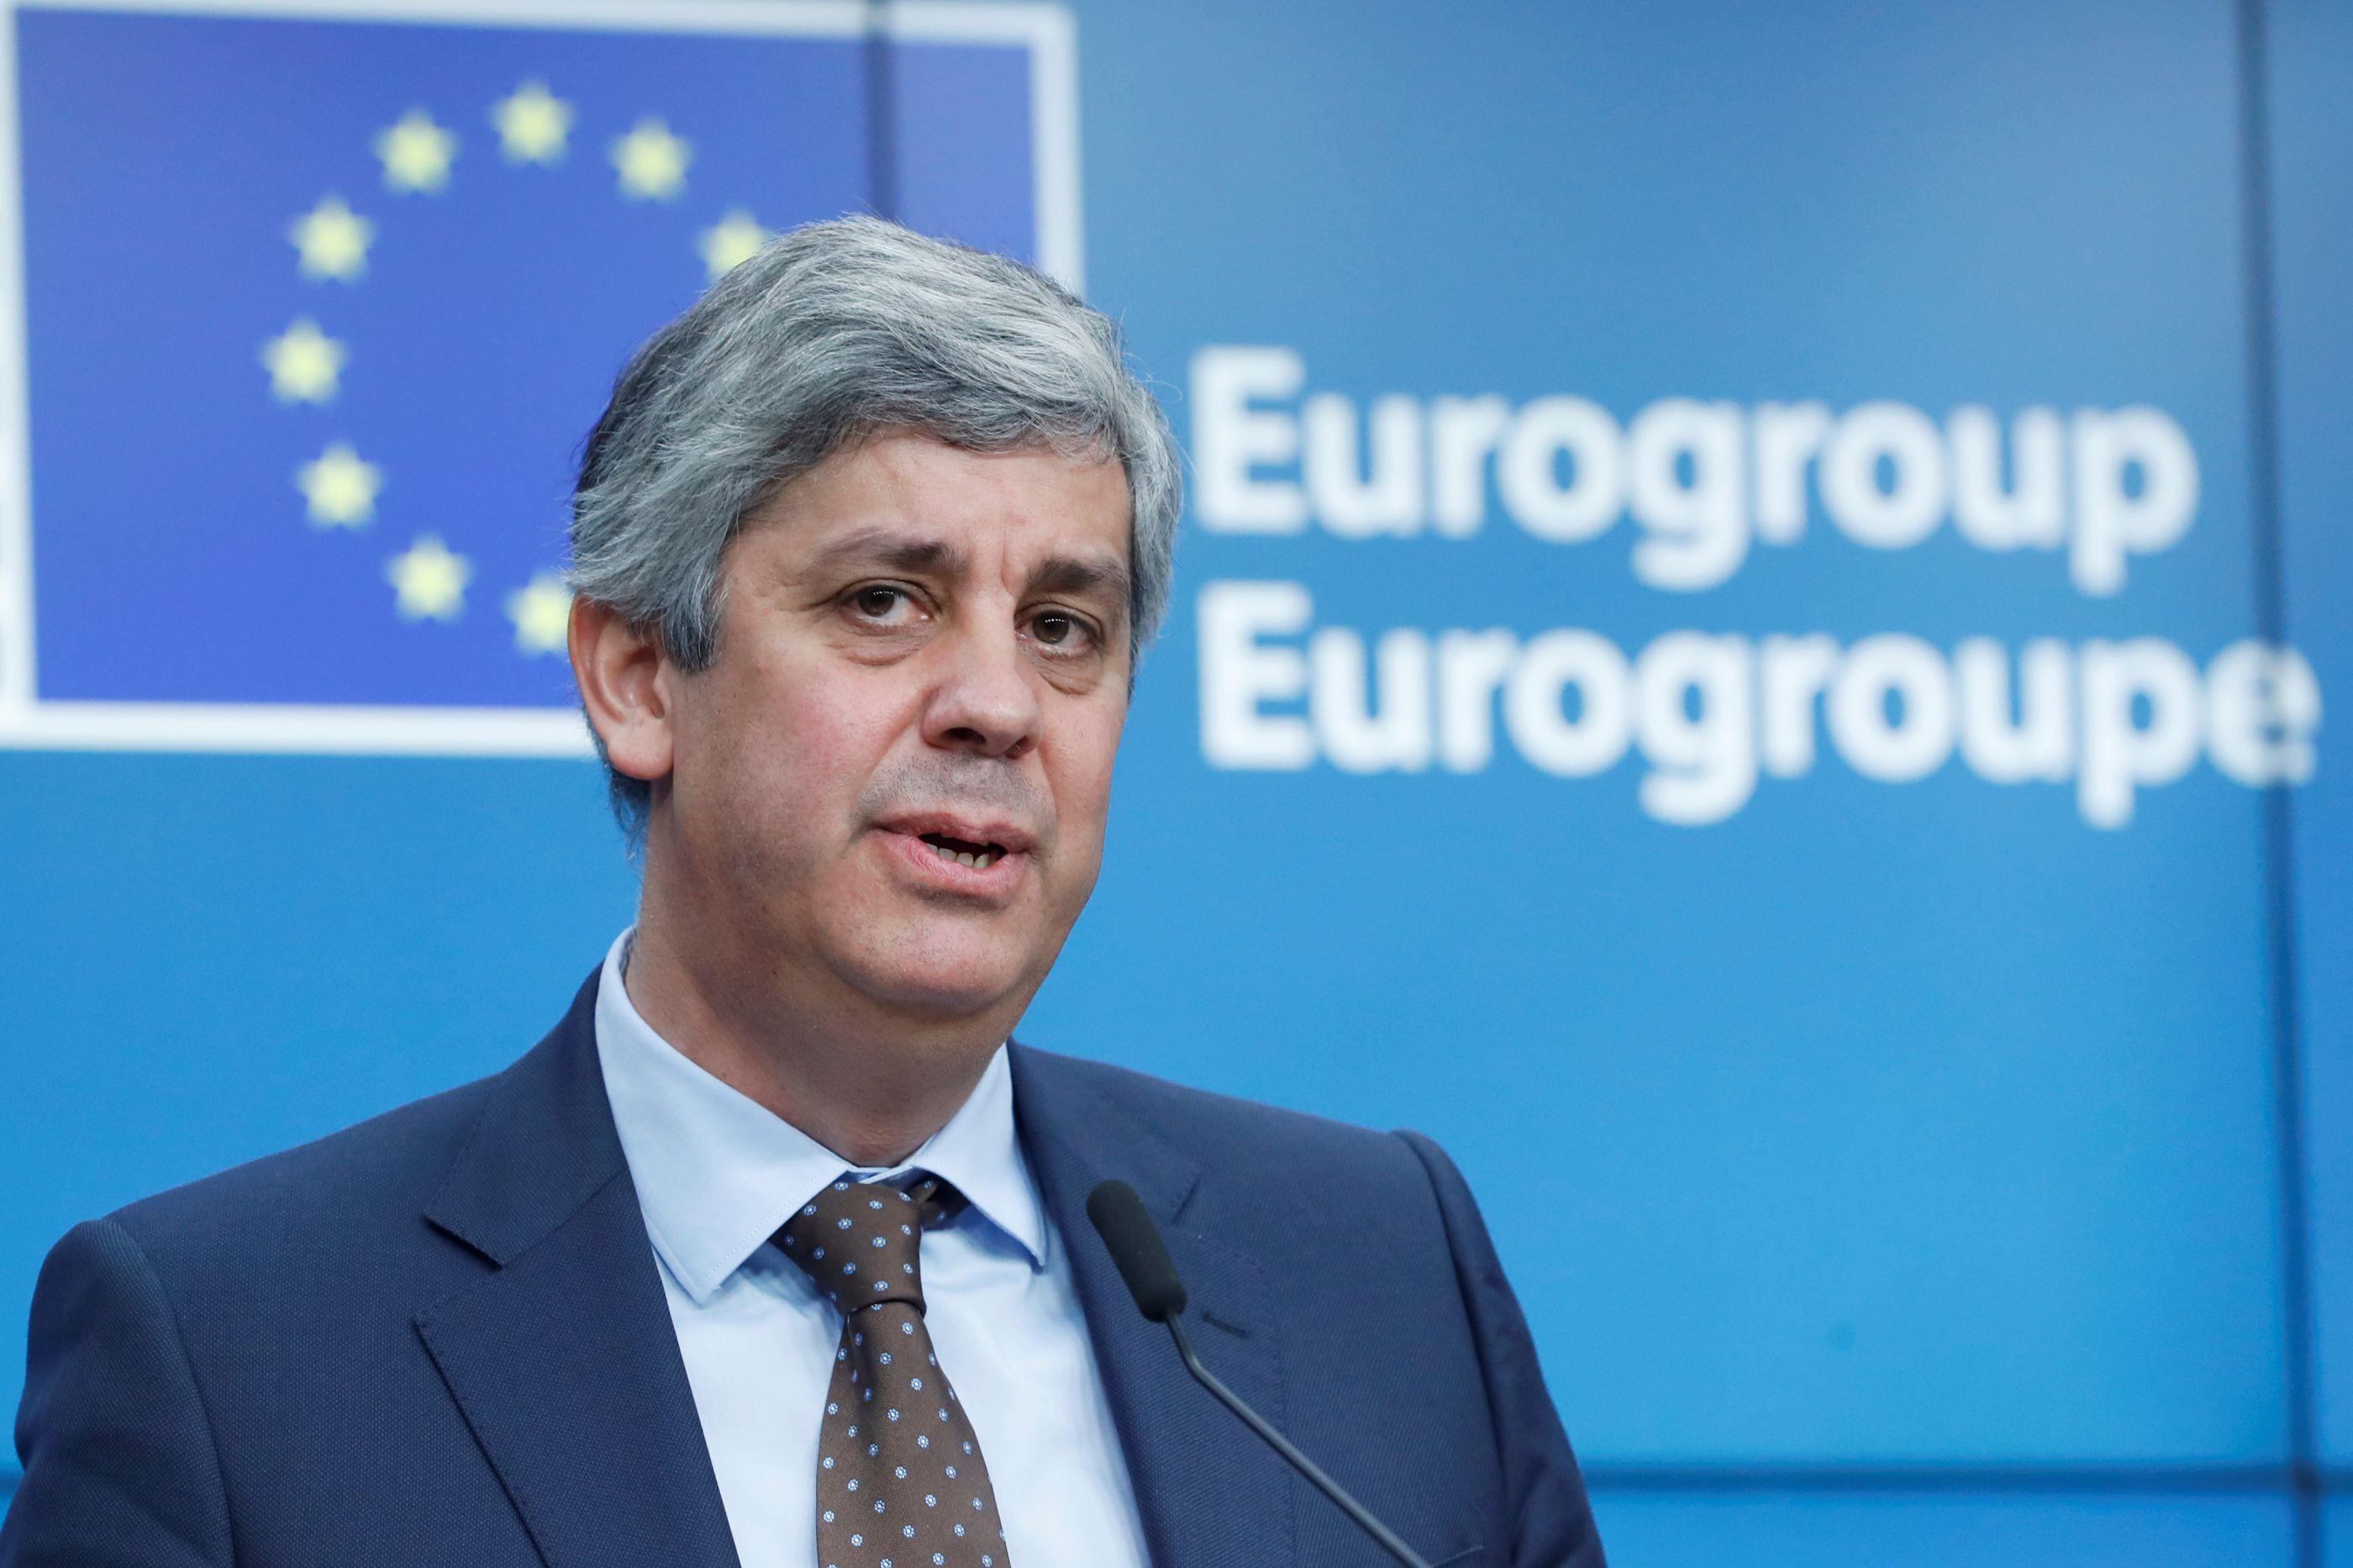 Eurogrupo apoia decisão da Comissão de pedir novo orçamento a Itália